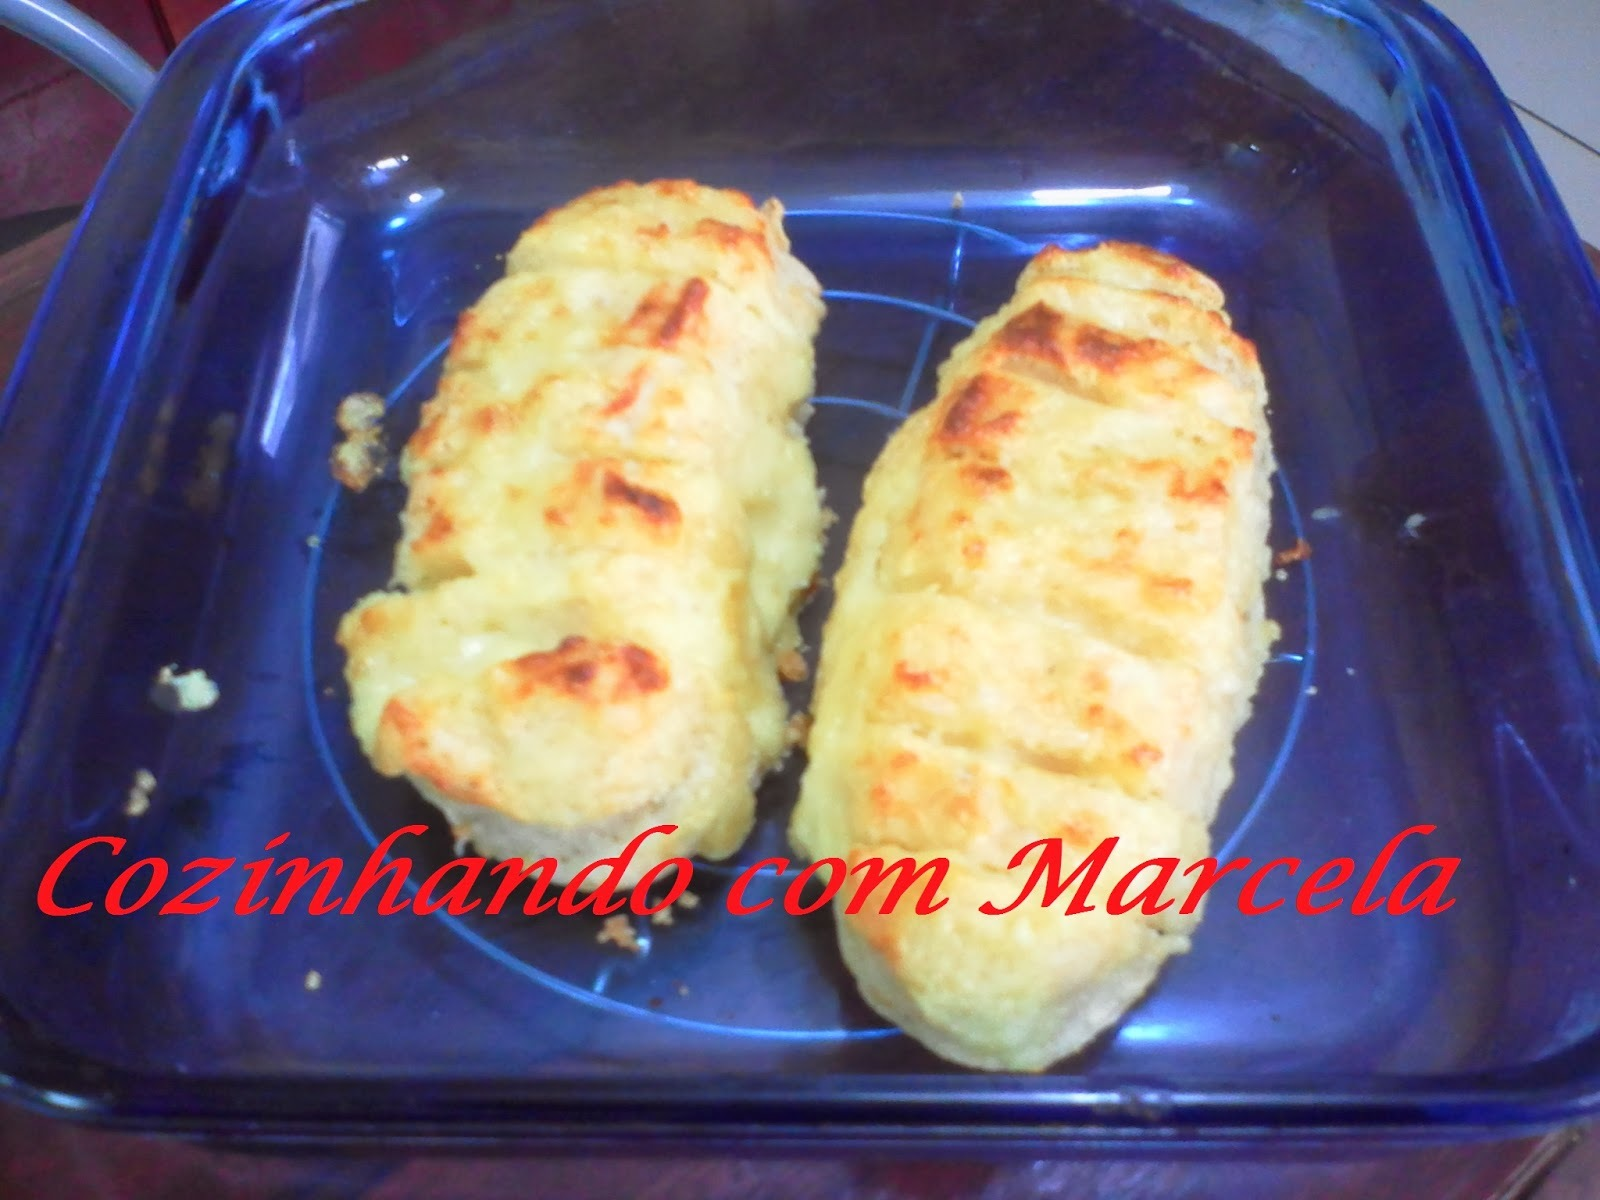 cachorro quente de forno com maionese e pão francês